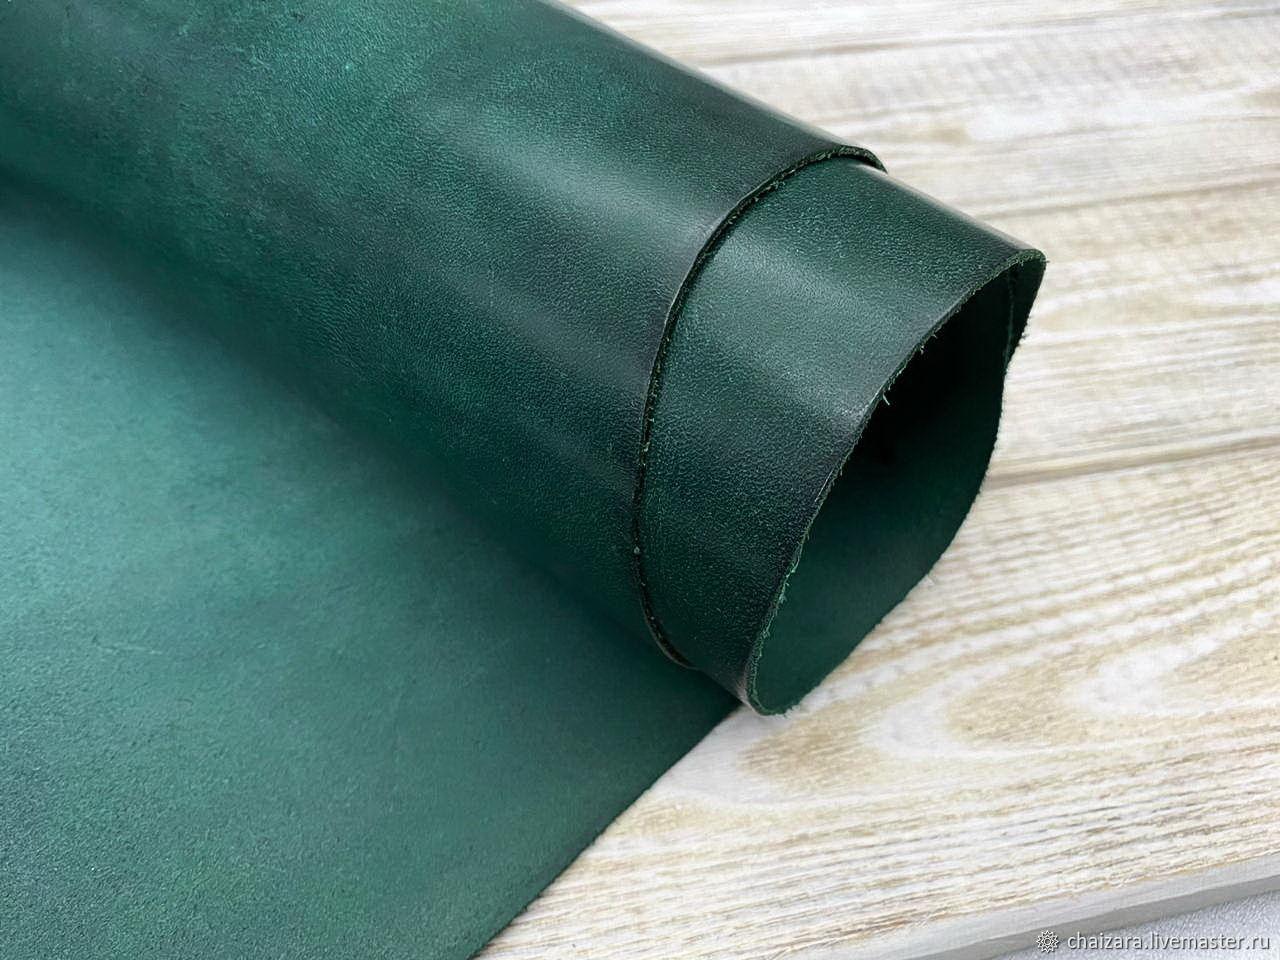 Vegetal  La Perla 1.3-1.5 мм Missouri Liscio MS5 (Emerald), Кожа, Оренбург,  Фото №1